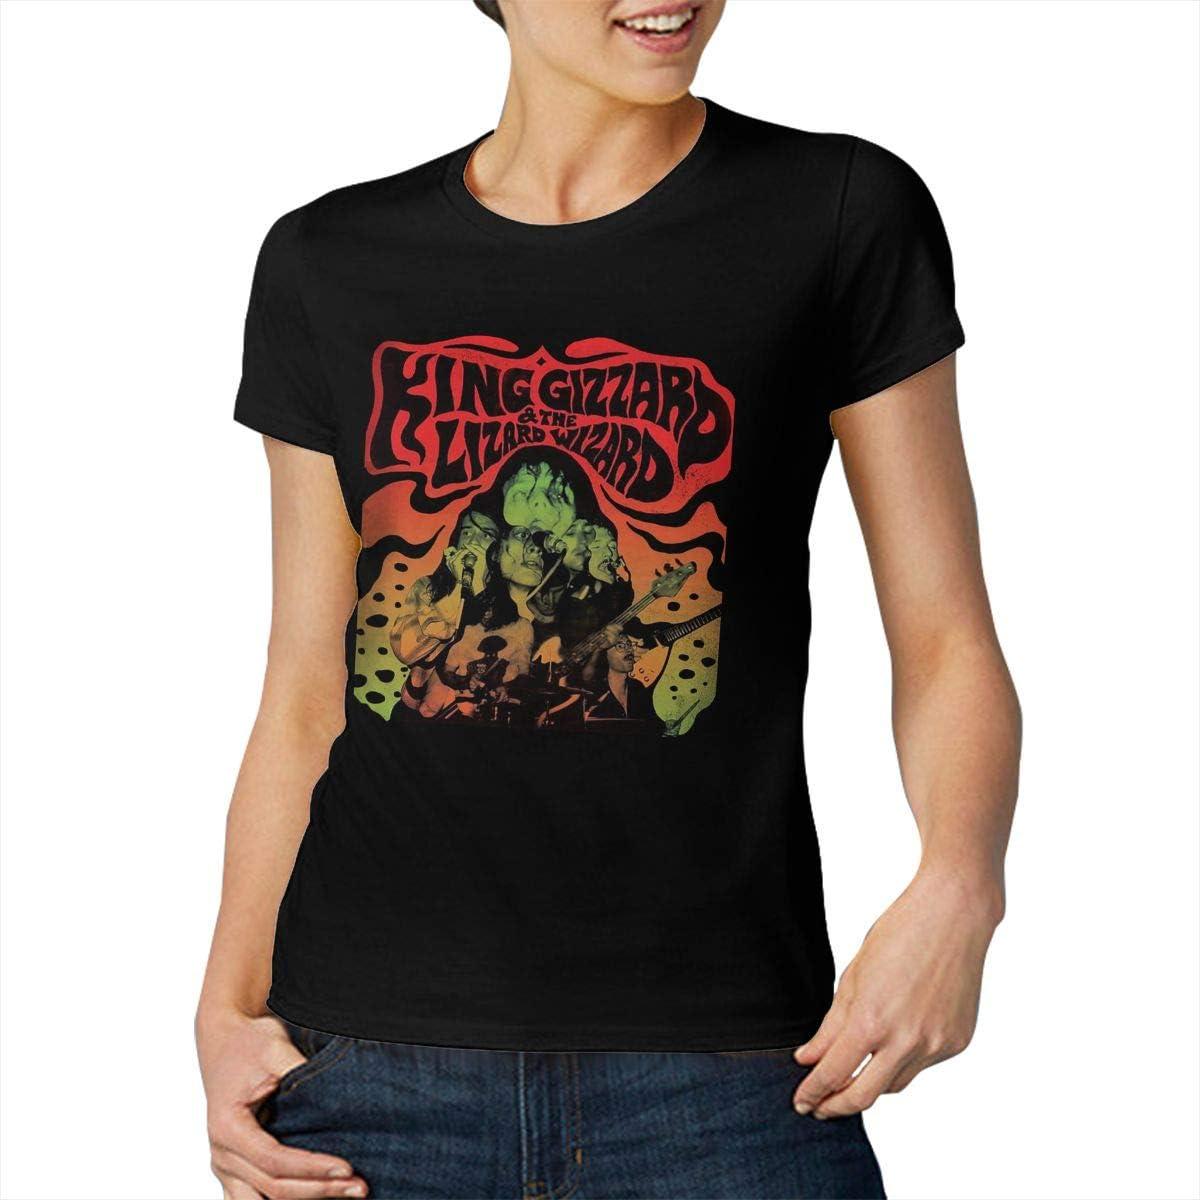 King Gizzard and Lizard Wizard T Shirt Shirts Women Summer Short Sleeve Round Neck Tops Novelty Tee